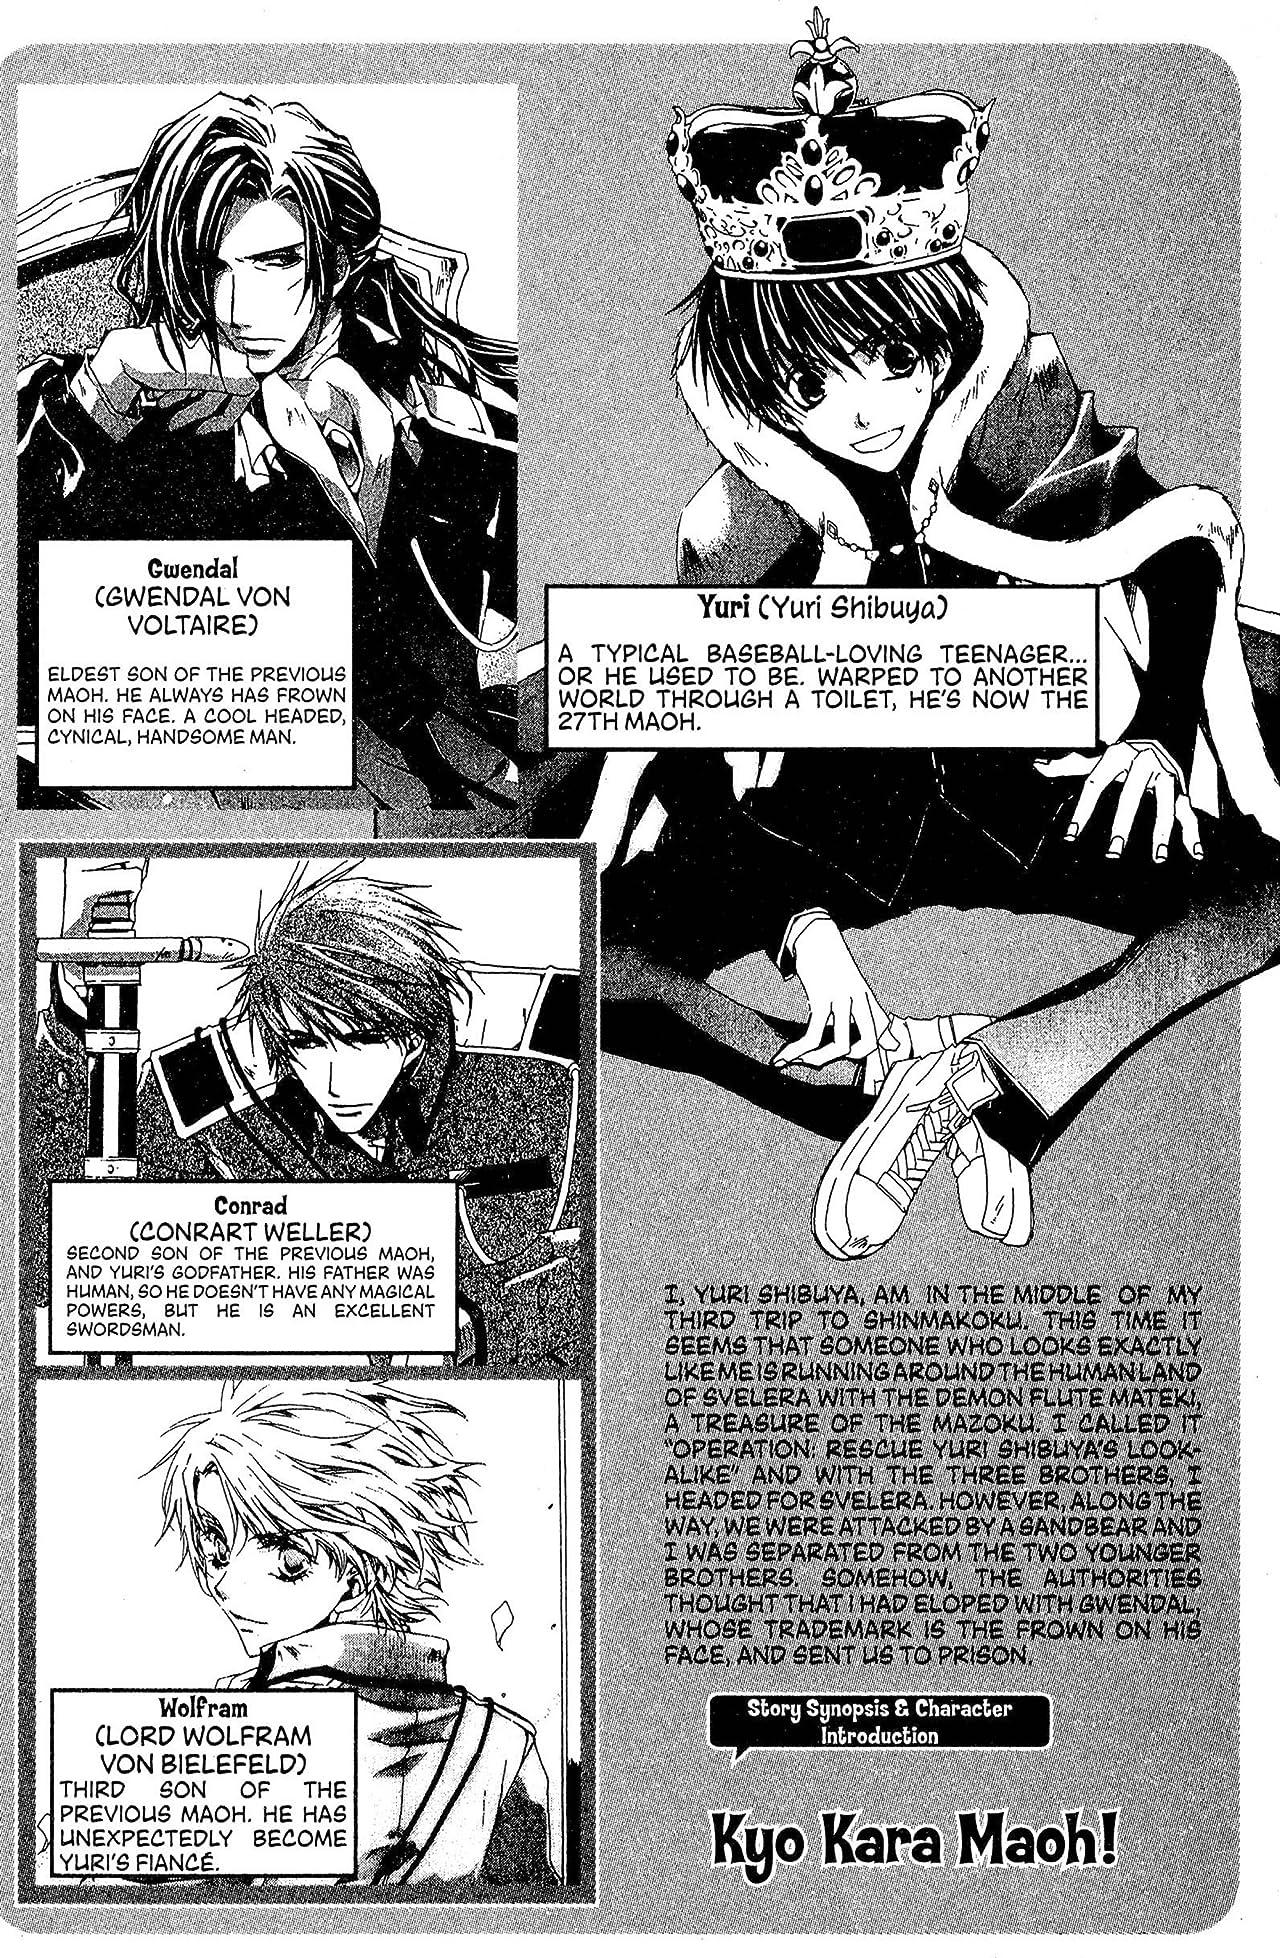 Kyo Kara MAOH! Vol. 6